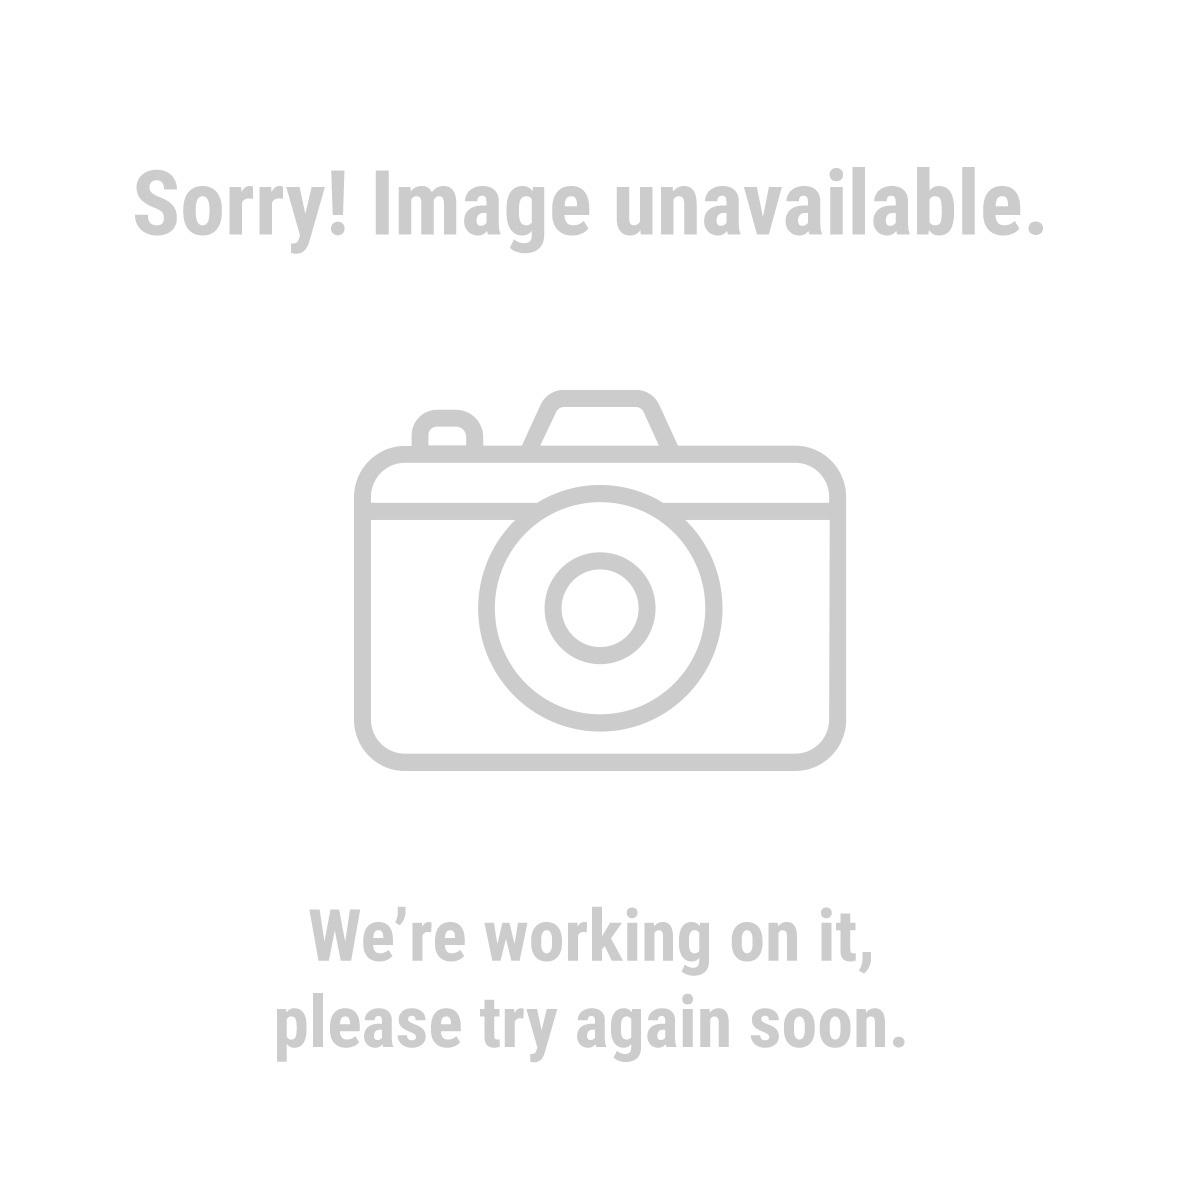 """Moly Carb 38133 5 Piece 7"""" Circular Saw Blade  Assortment"""